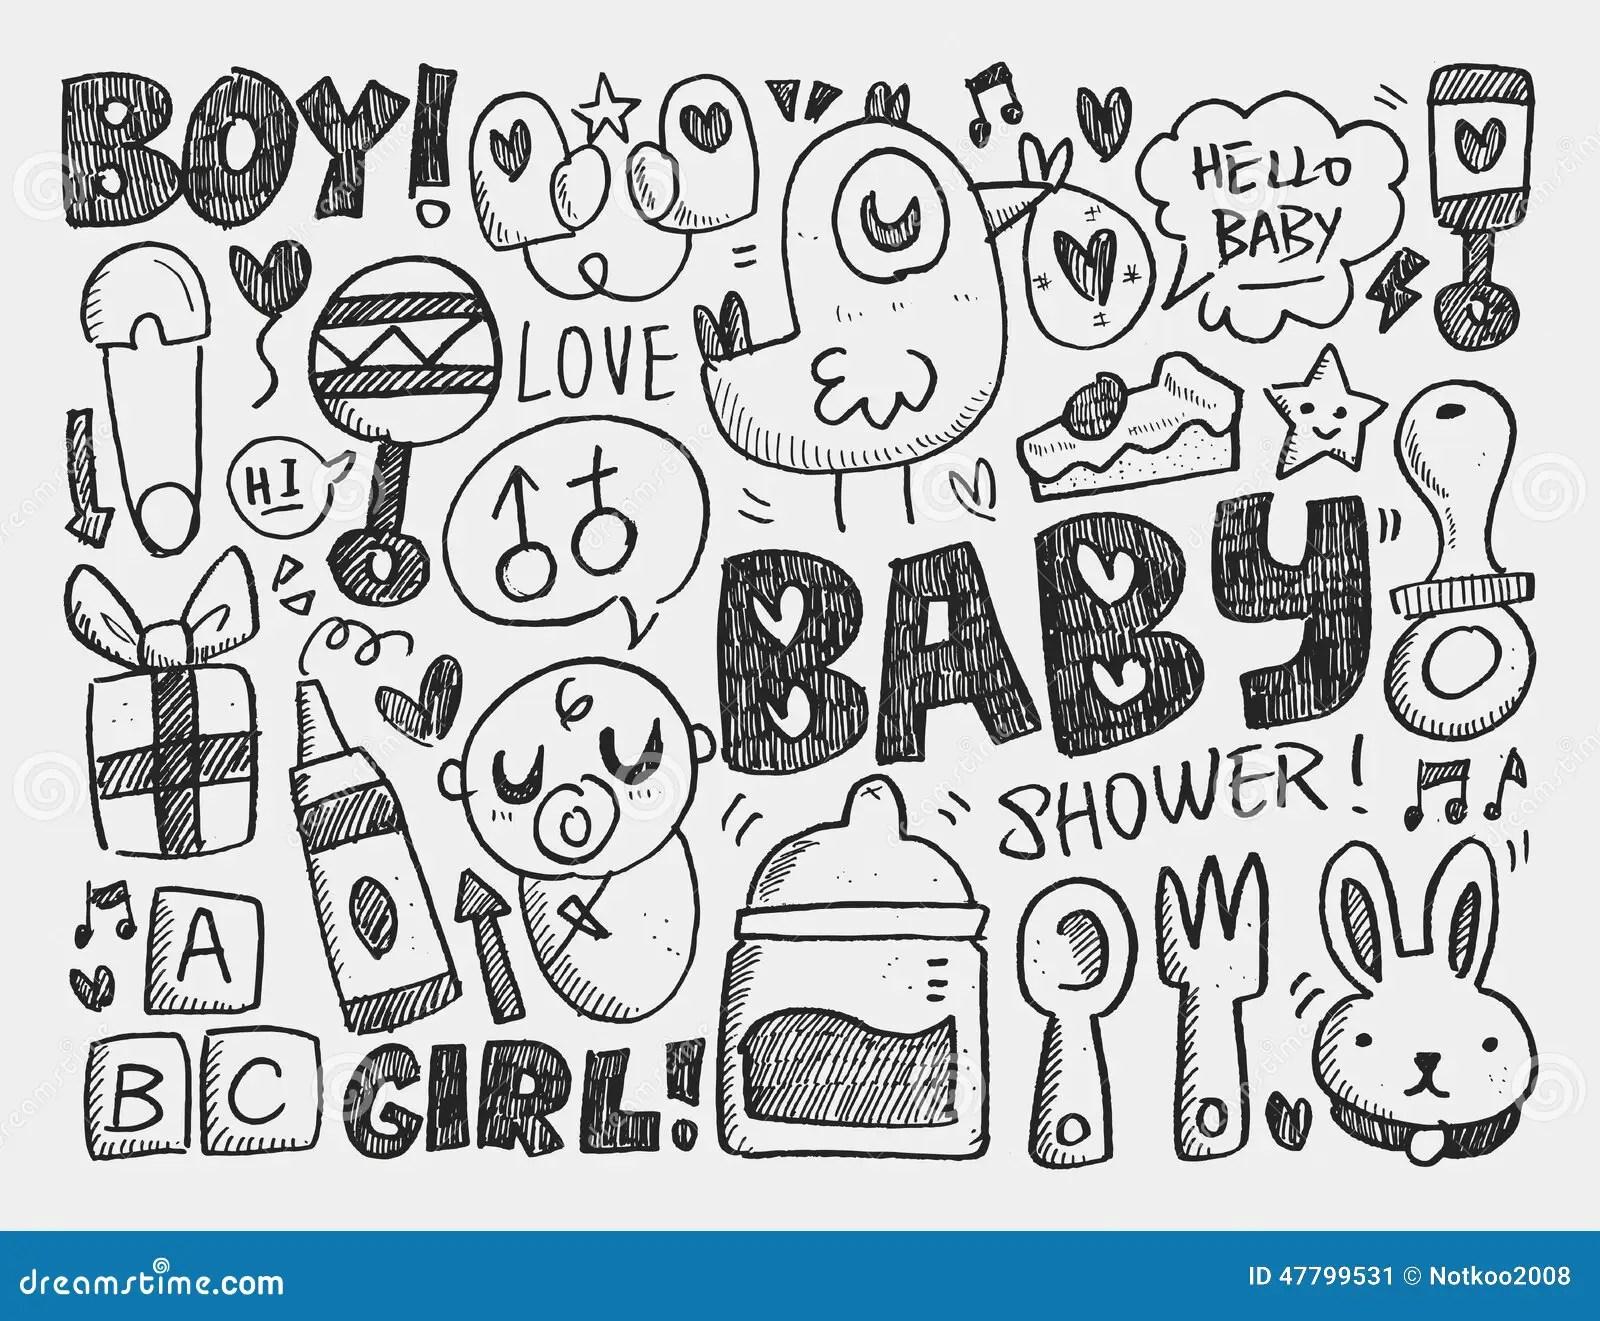 Doodle Baby Background Cartoon Vector